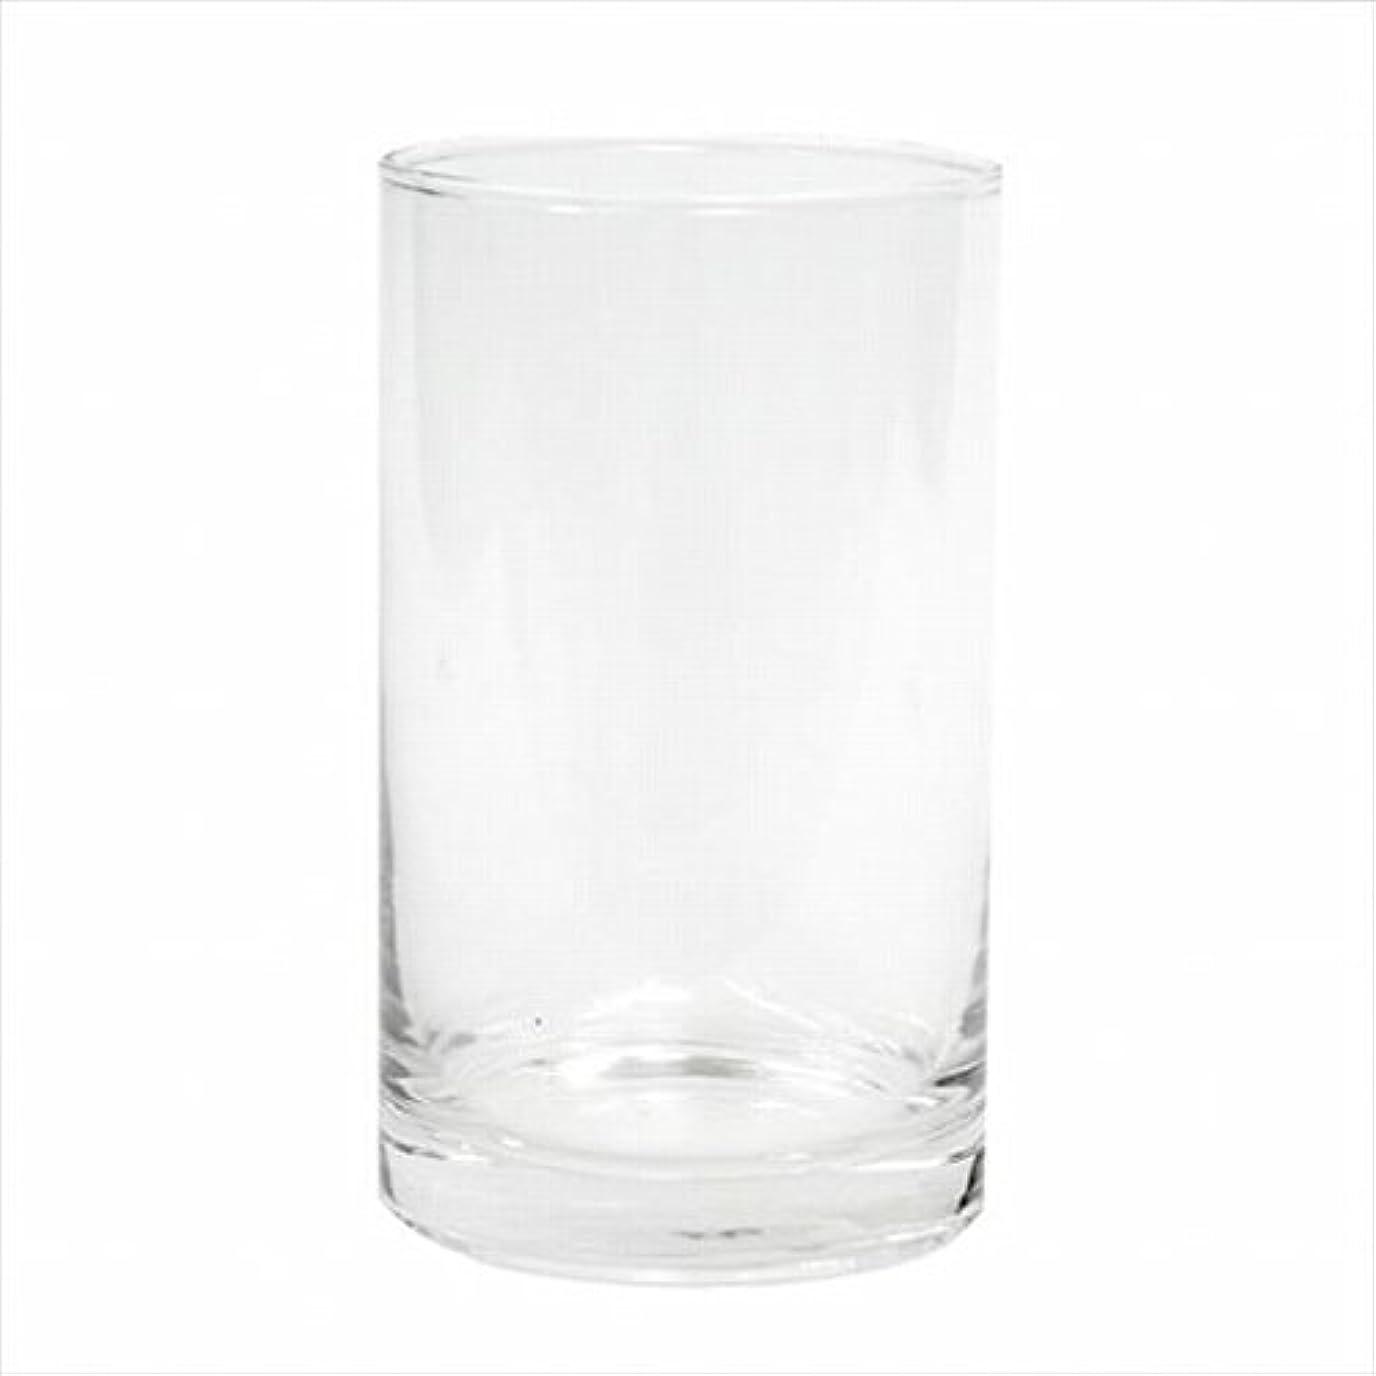 請求書五十ワットカメヤマキャンドル(kameyama candle) モルカグラスS